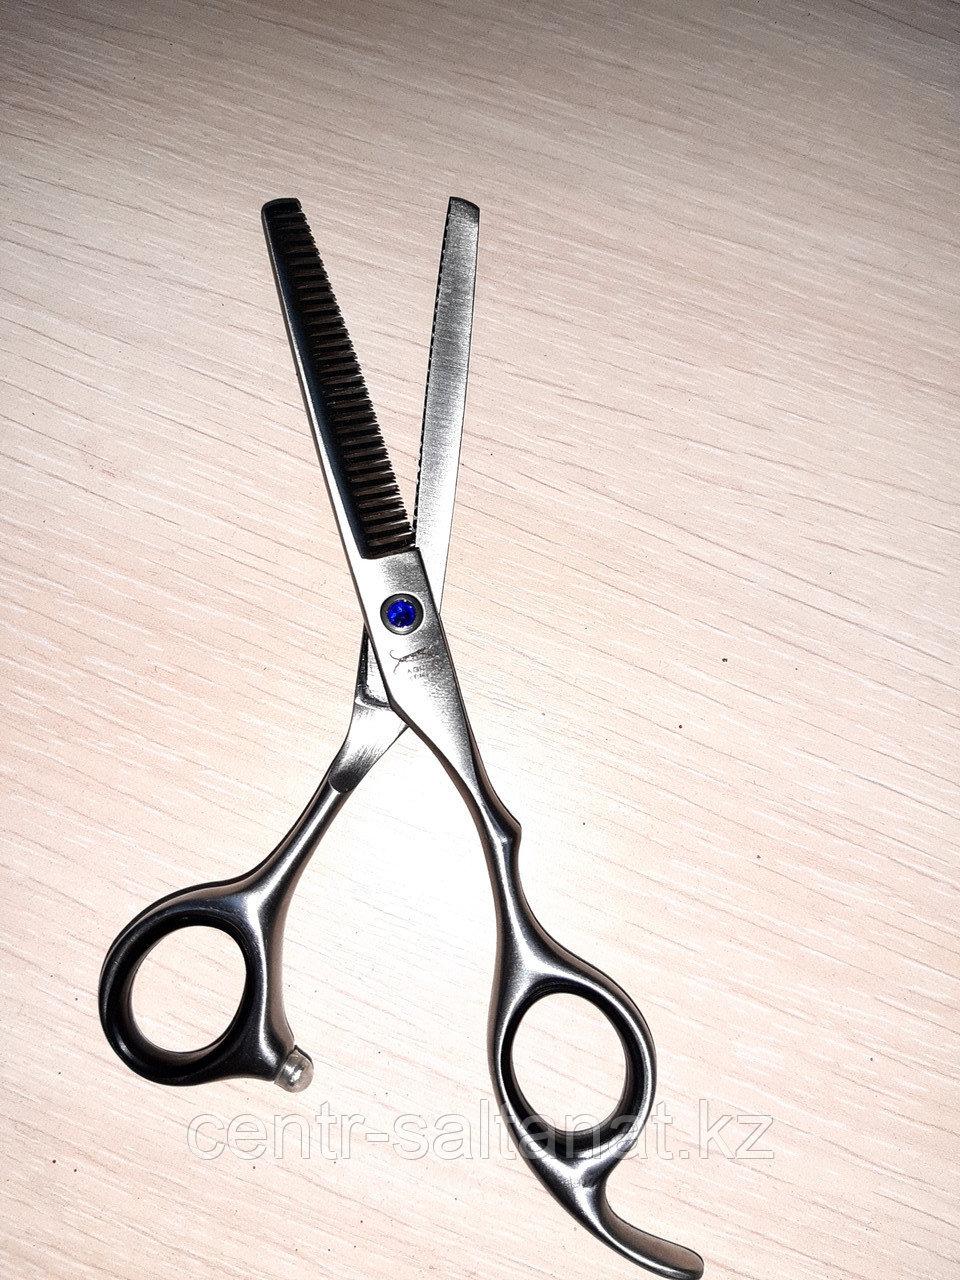 Ножницы парикмахерские фелировочные